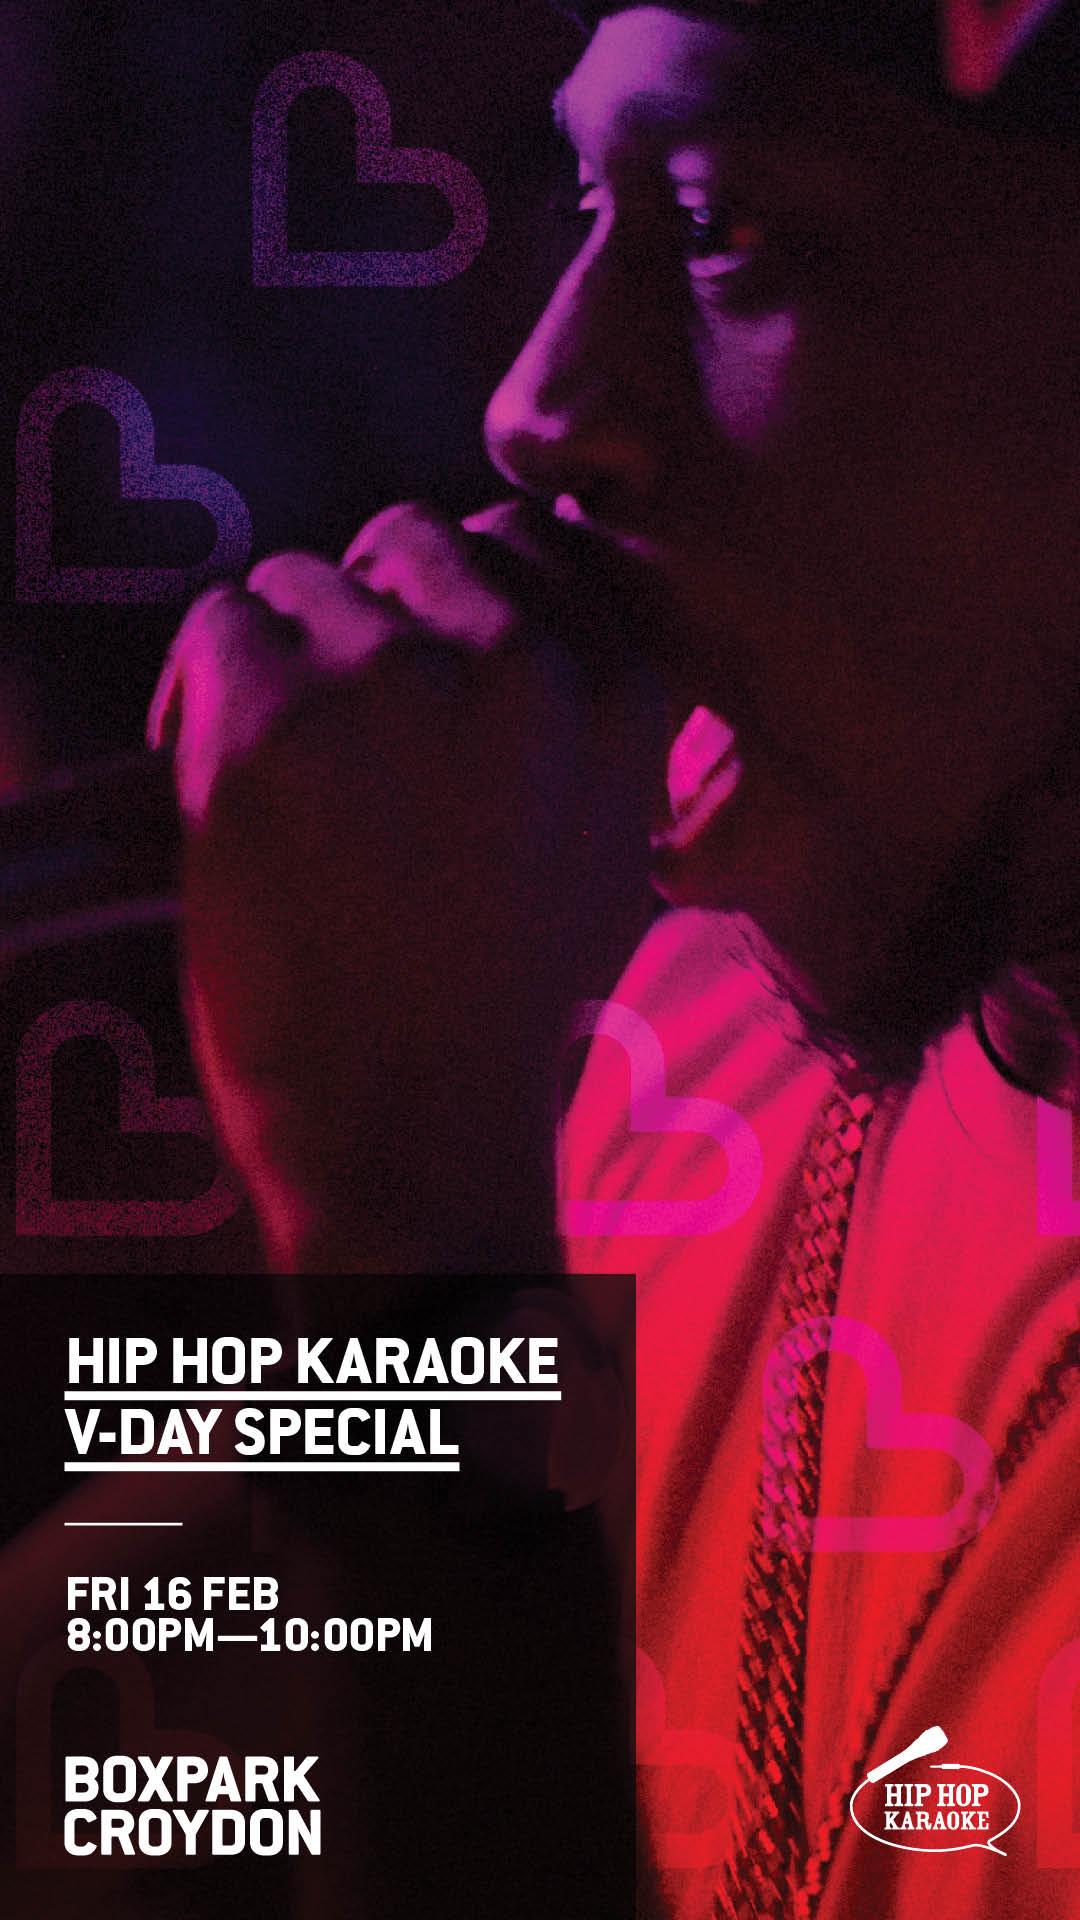 Online_Croydon_Social_Panels_18_01_16_Hip_Hop_Karaoke7